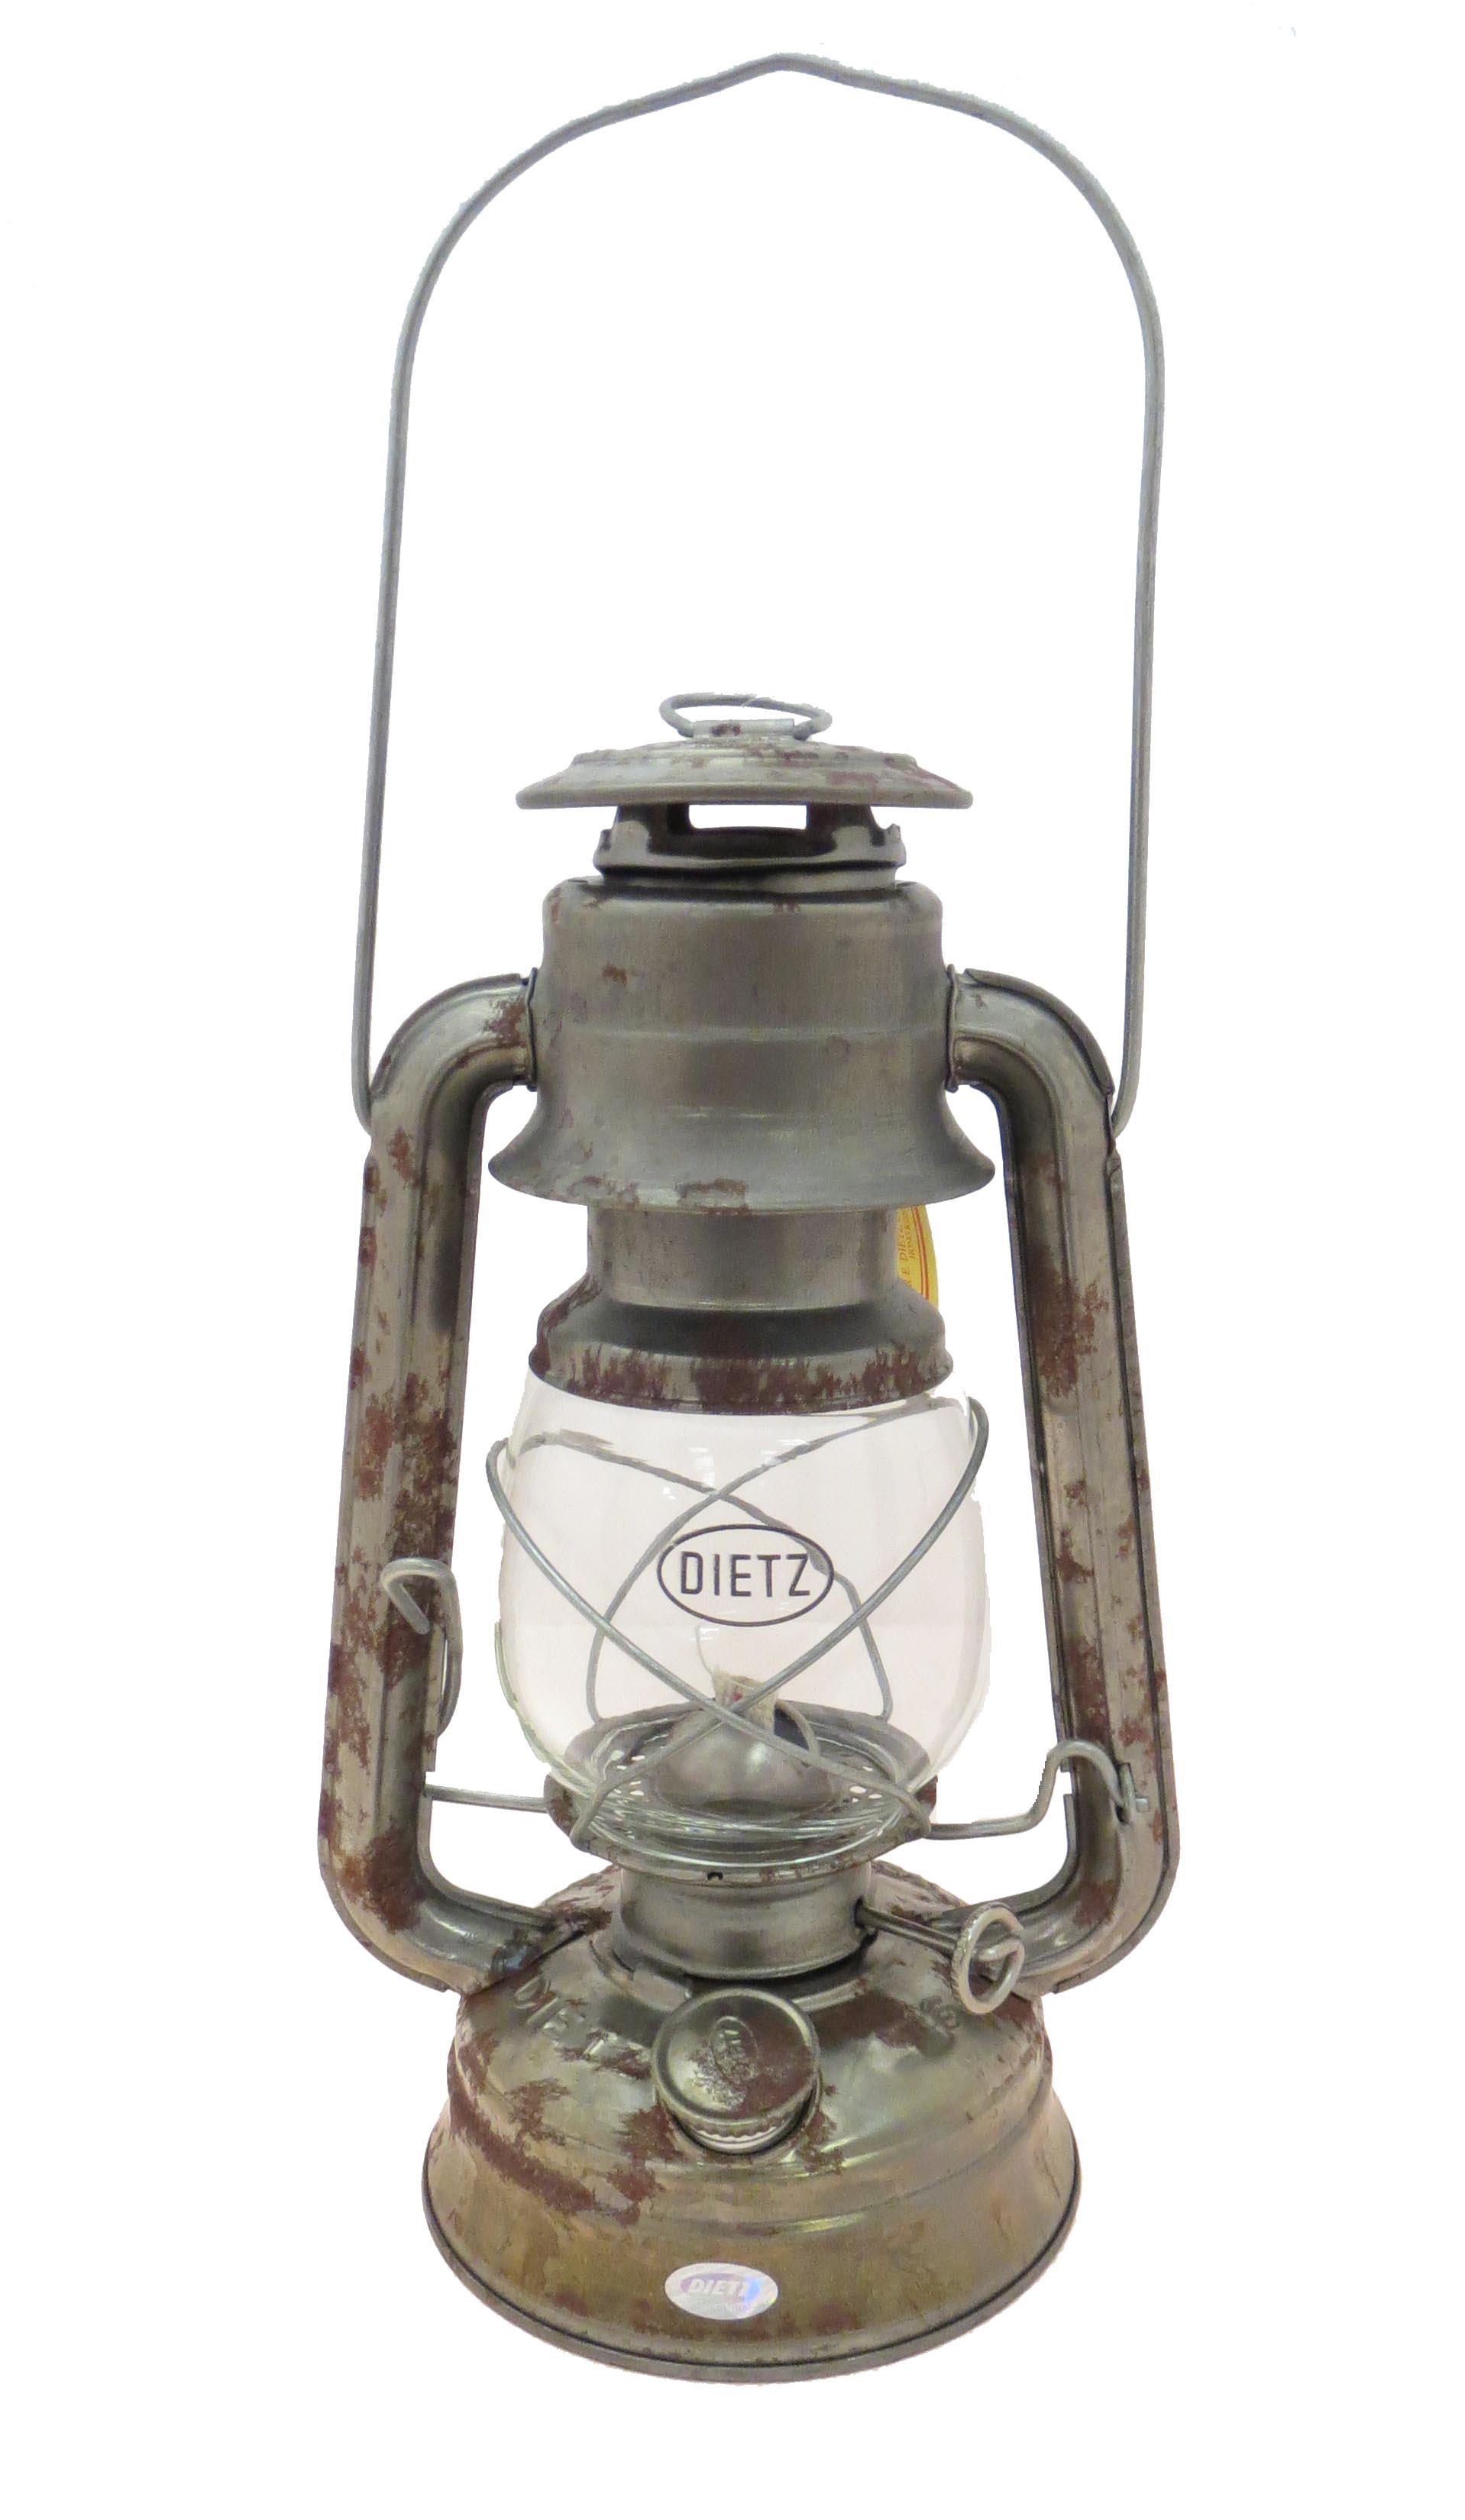 Unfinished Dietz Brand 76 The Original Oil Lantern 69873